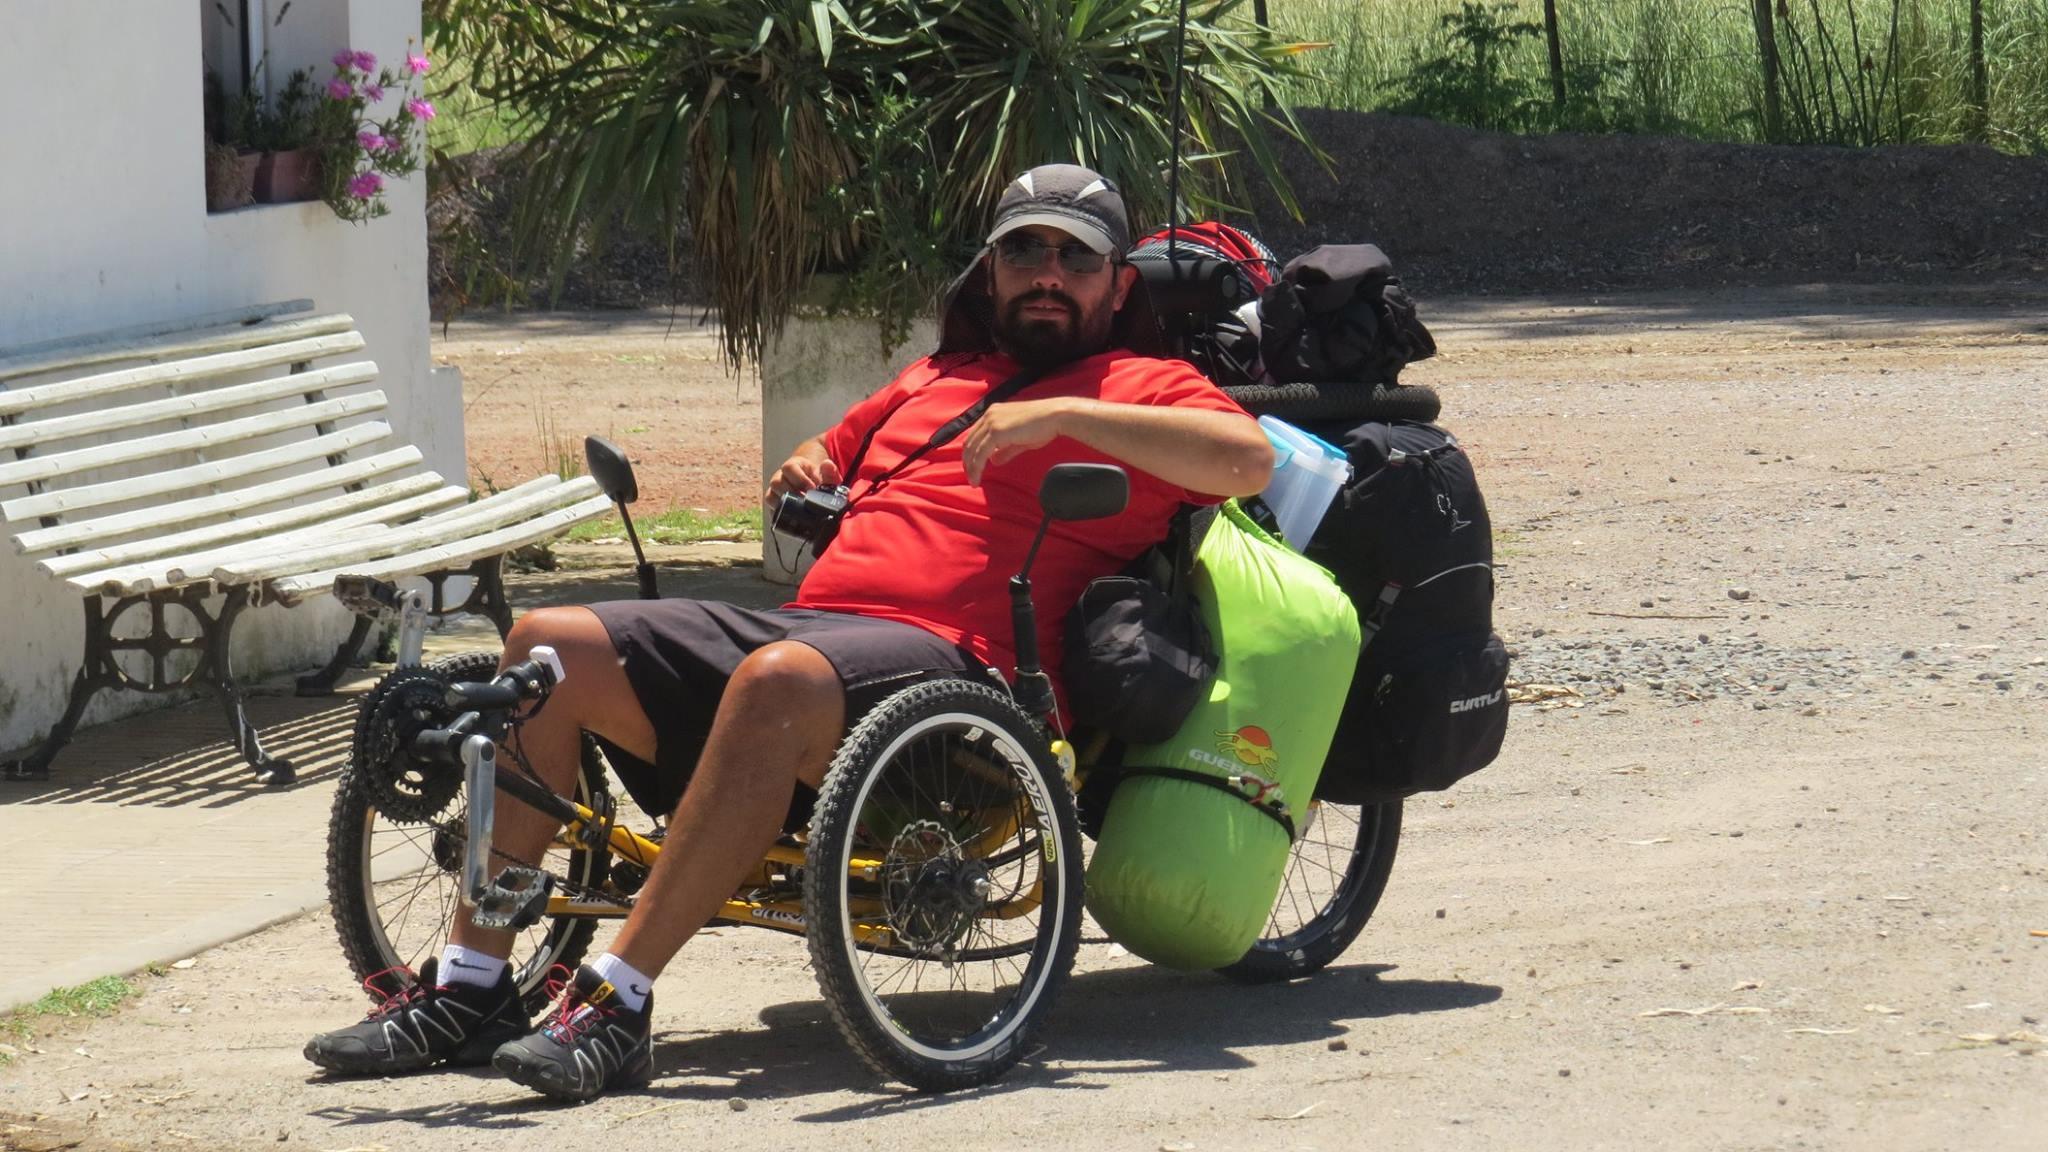 Trike full rumo ao Ushuaia/AR